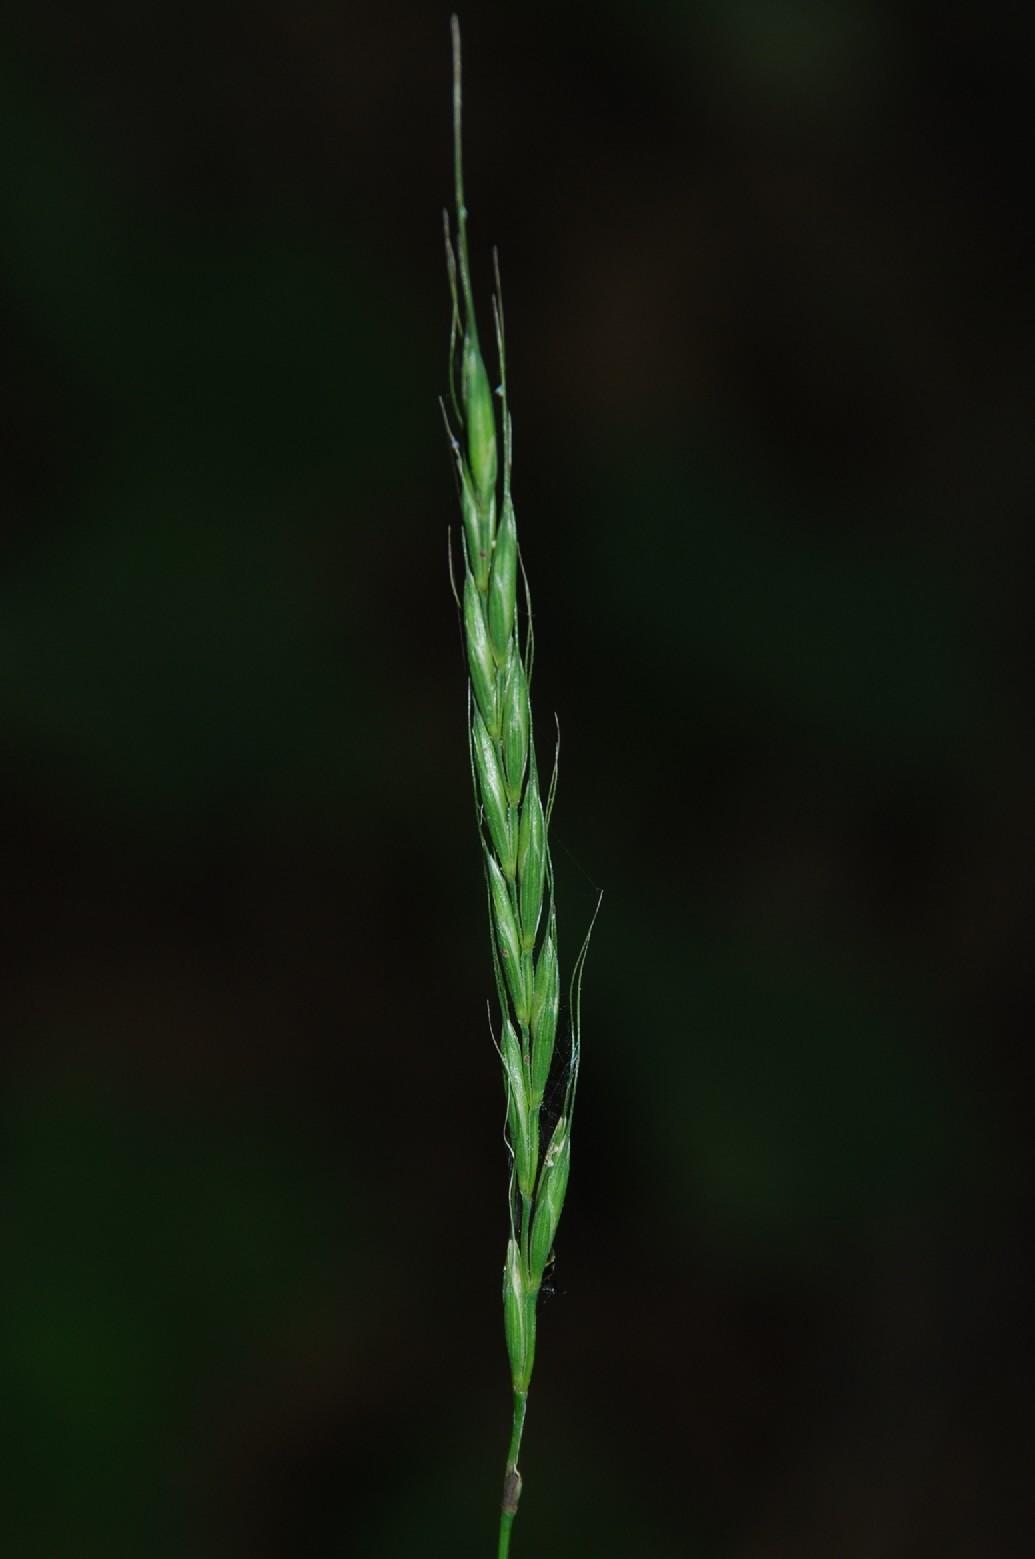 Elymus caninus subsp. caninus 4